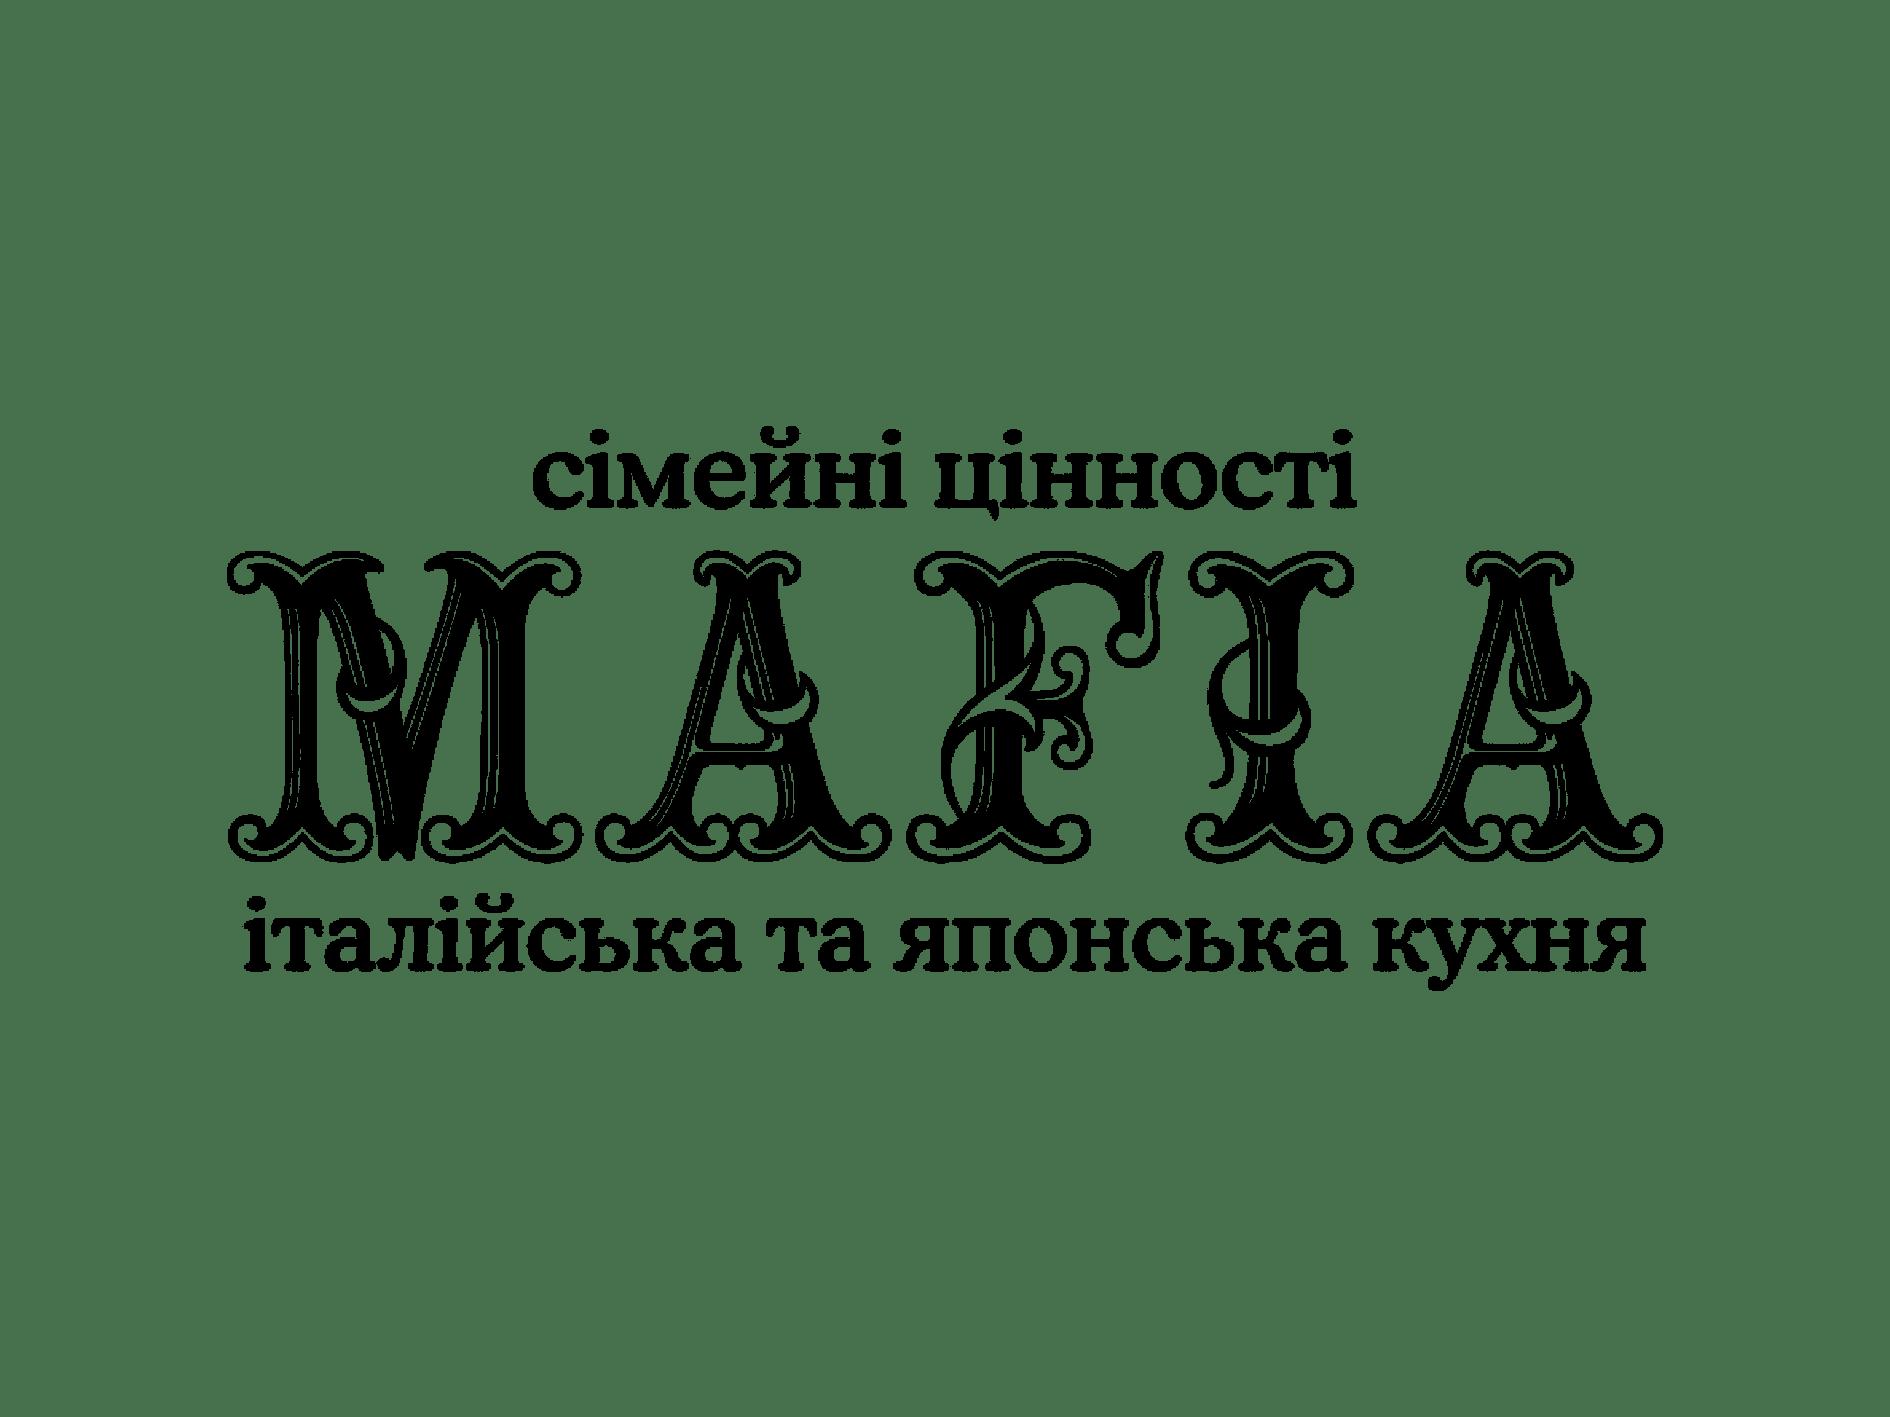 Мафия  - kiev.karavan.com.ua